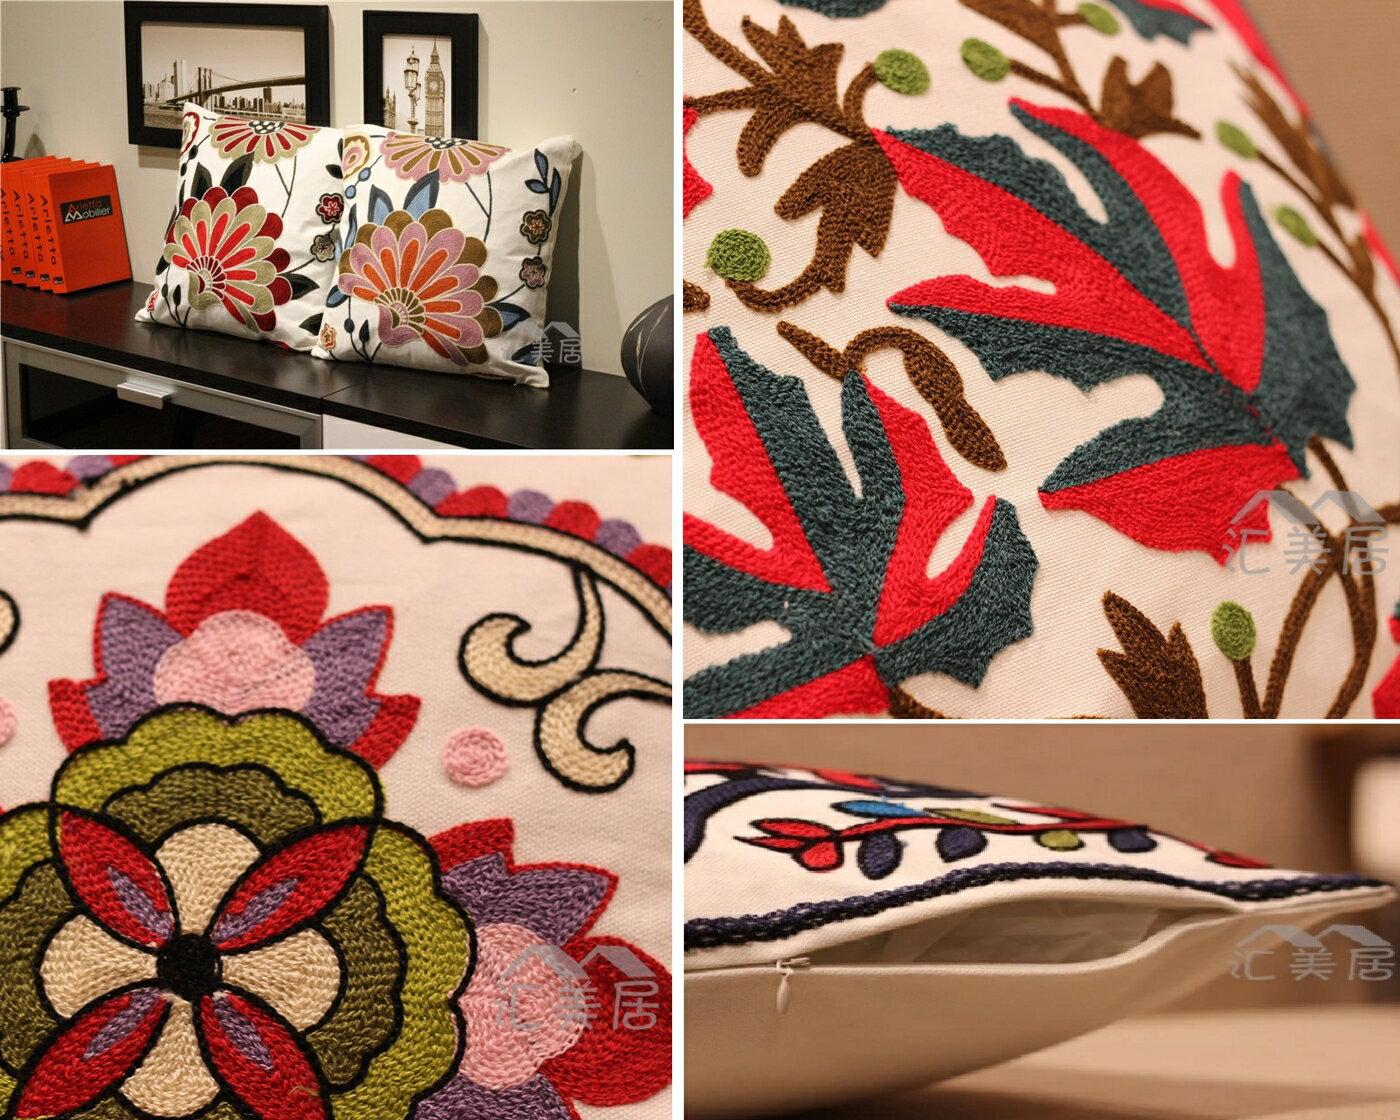 歐式抱枕 裝飾 純棉立體刺繡花卉 不含芯